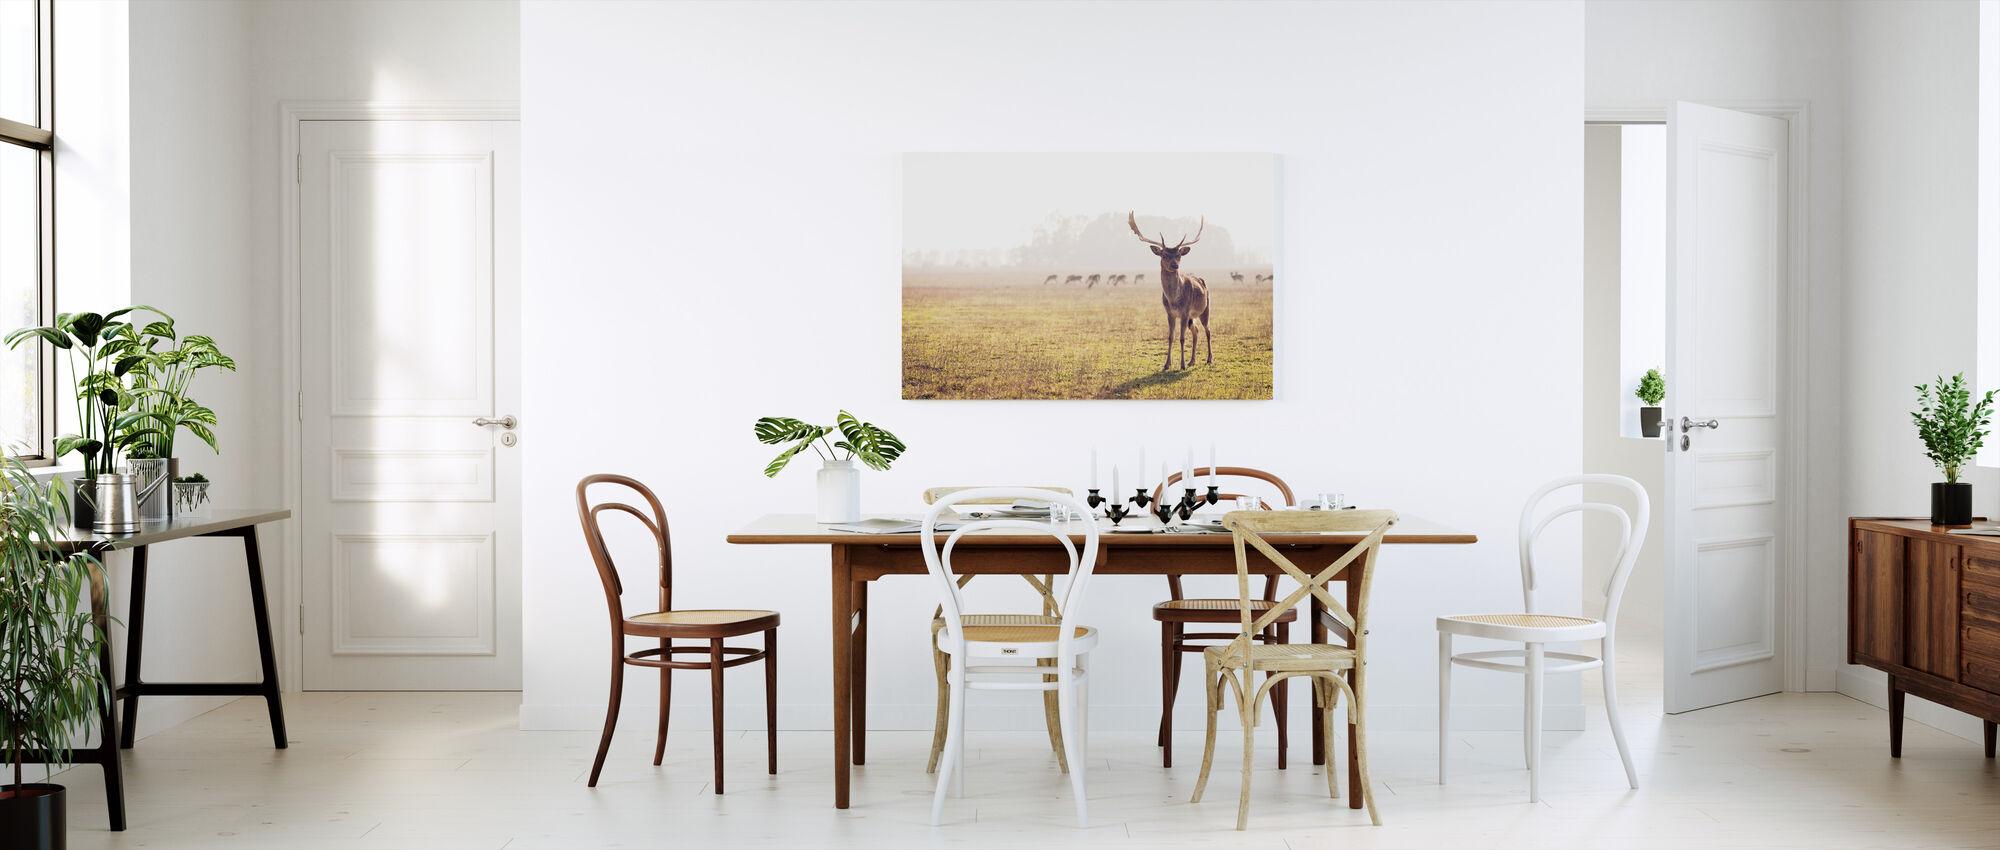 Fallow Deer - Canvas print - Kitchen